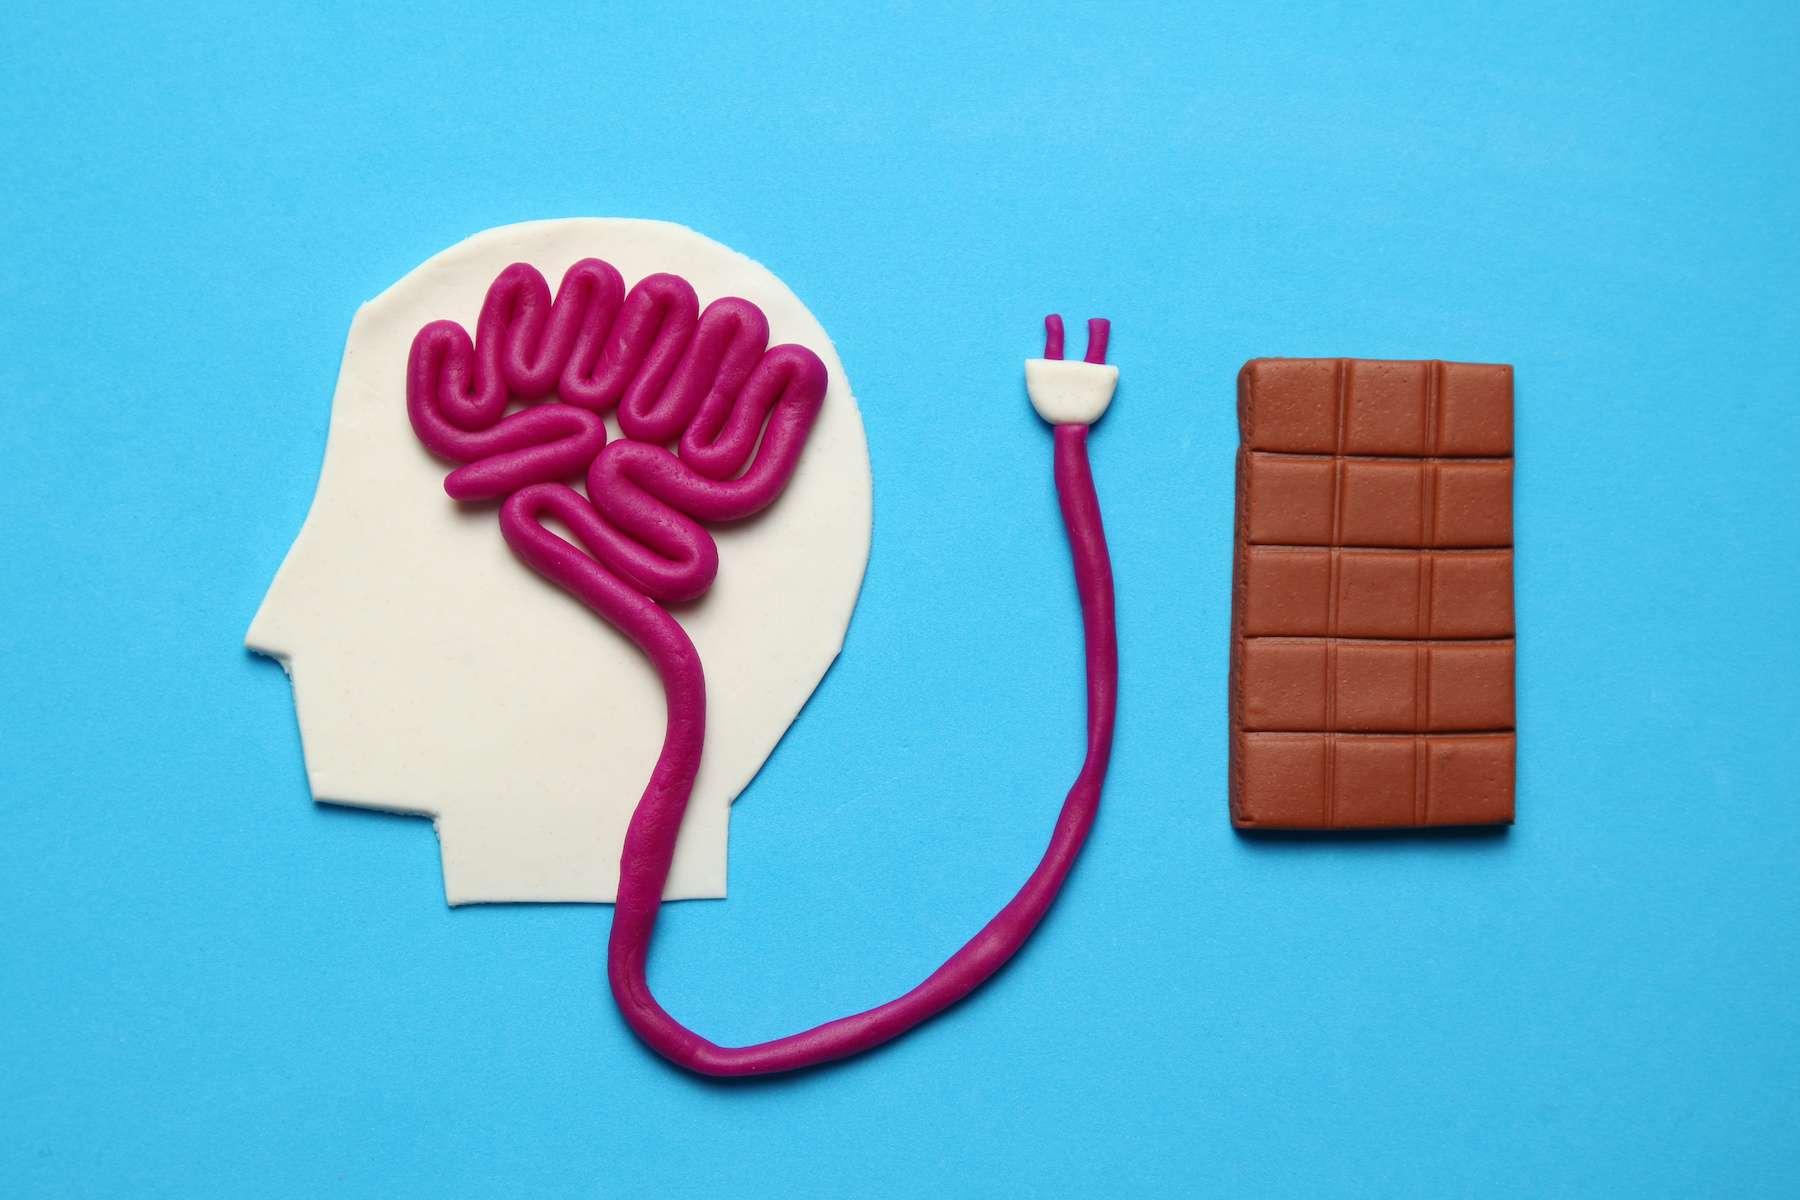 Le cerveau mémorise en priorité l'emplacement de la nourriture riche en calorie. © Andrii Zastrozhnov, Adobe Stock